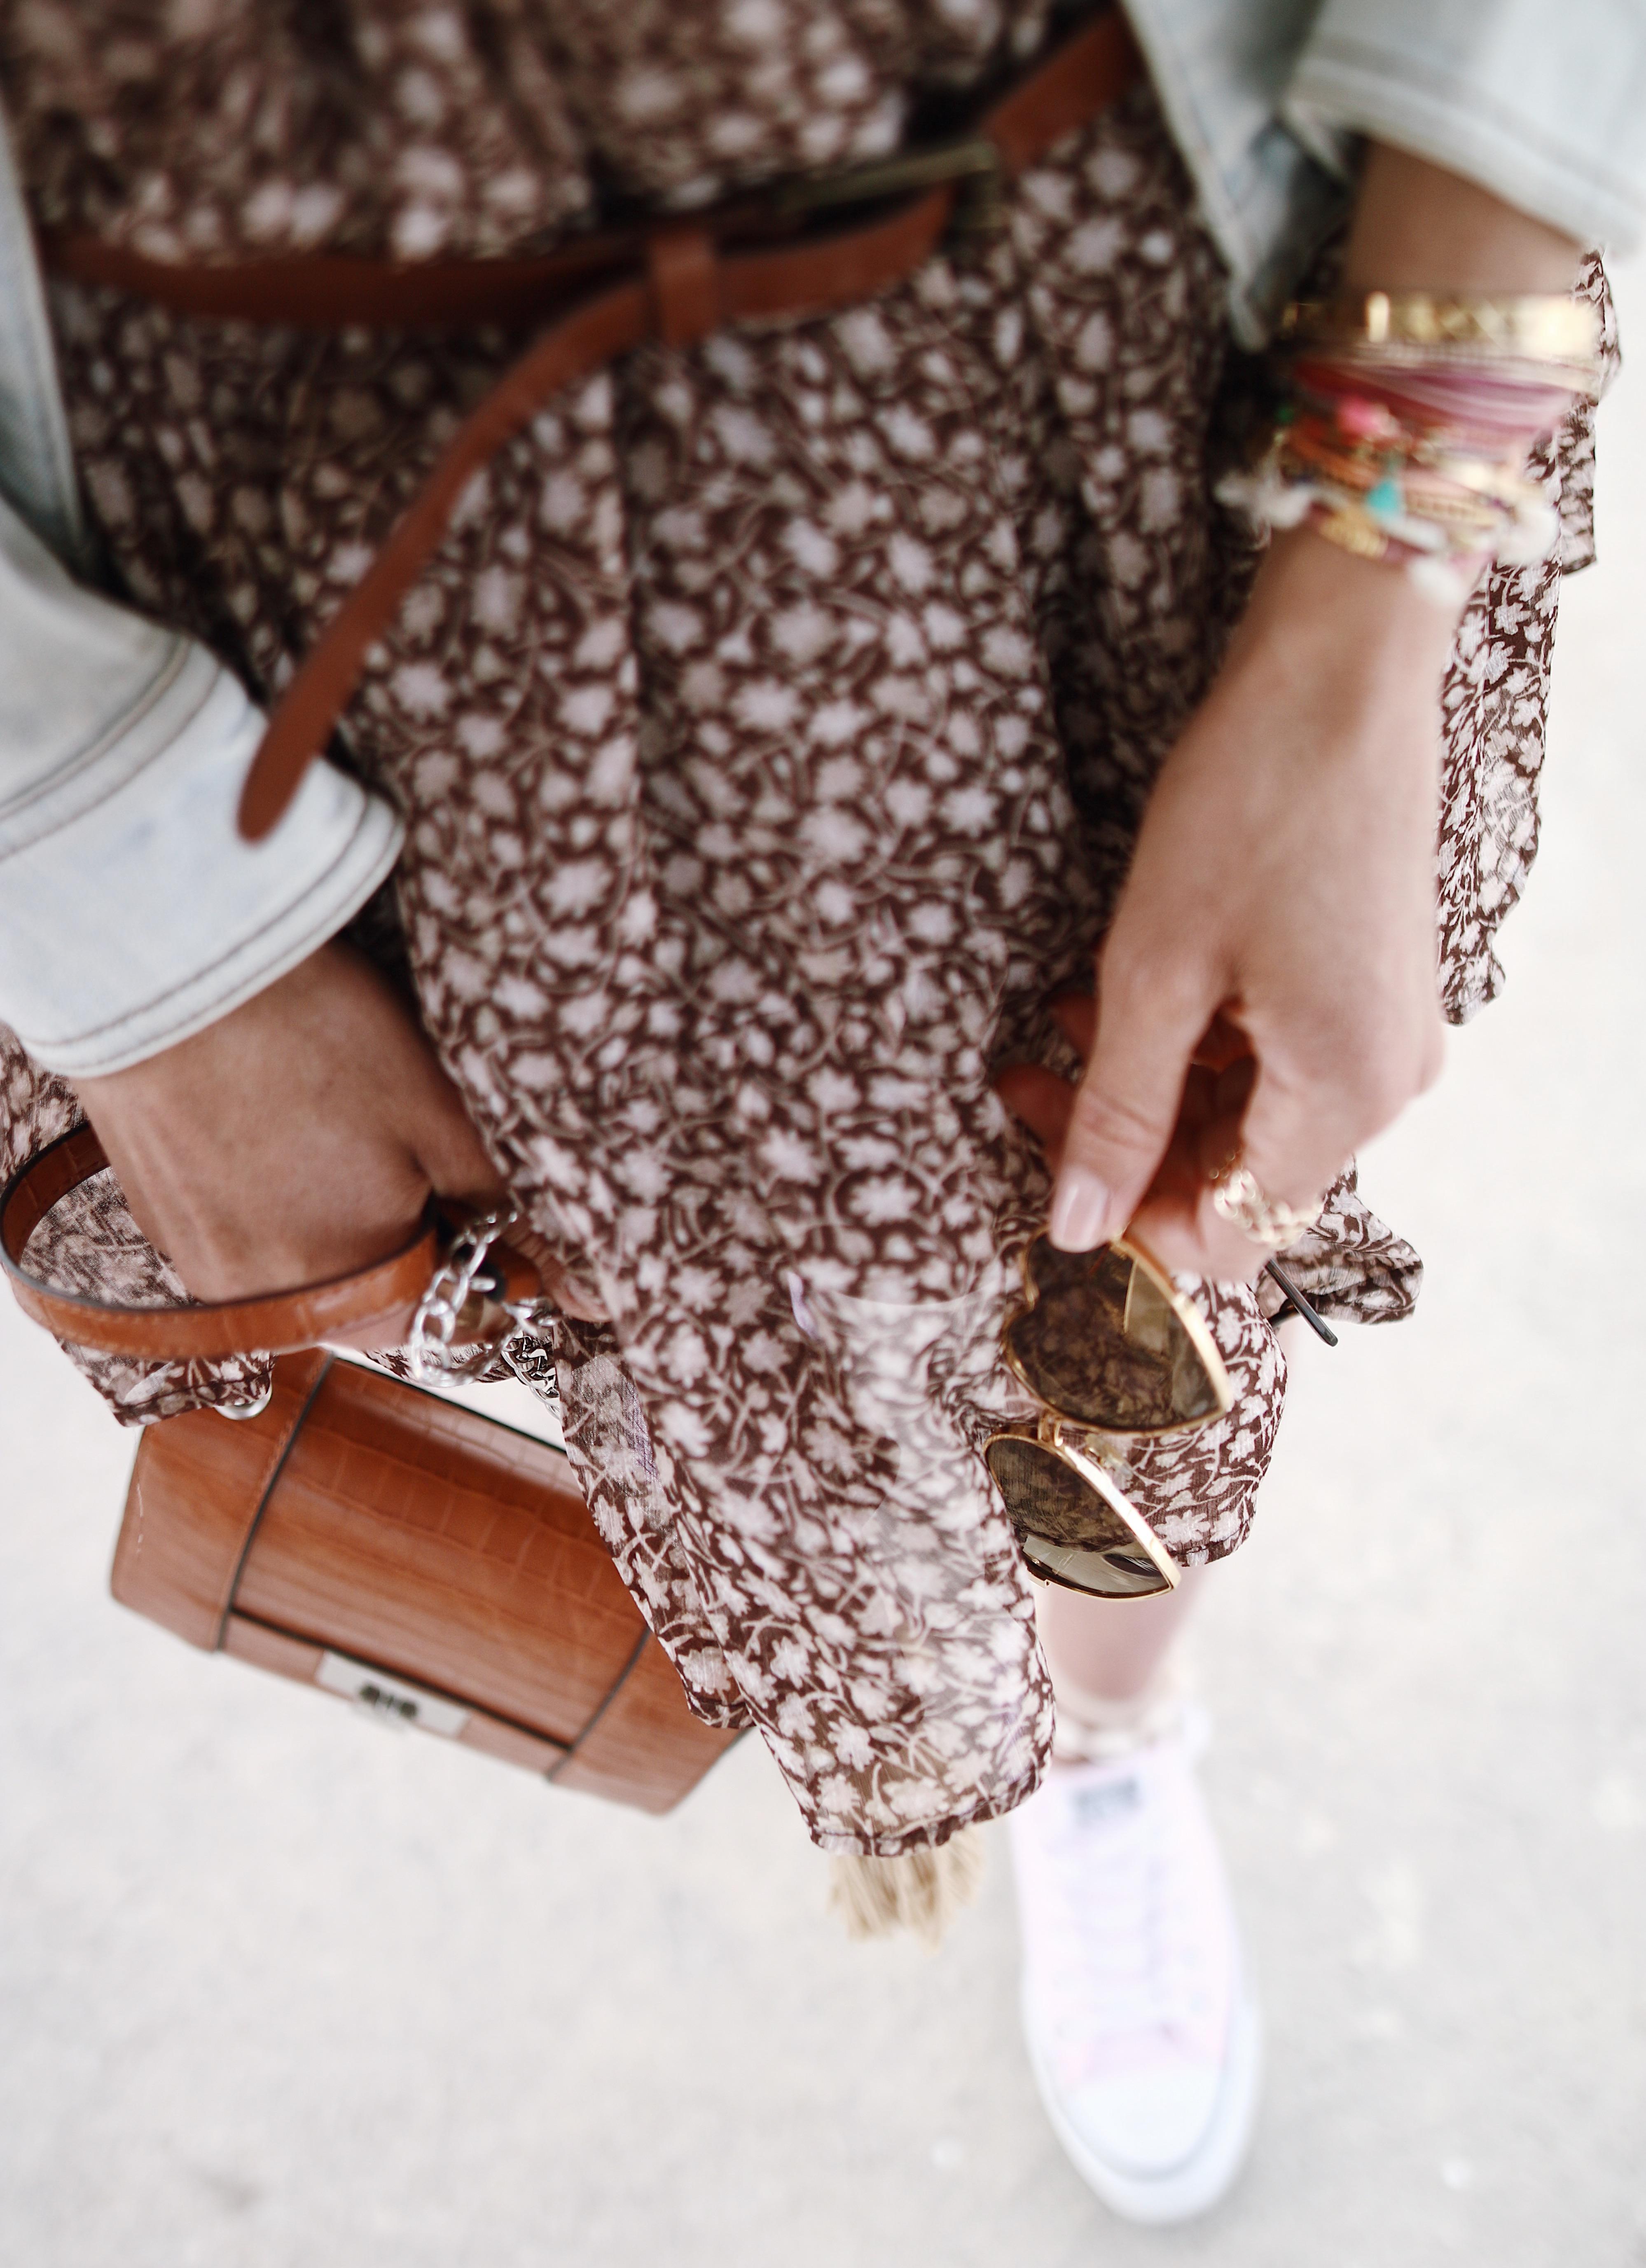 Chon & CHON - www.chonandchon.com - MINI BABY ) rove courte mousseline h&m , casual style, petite robe de printemps